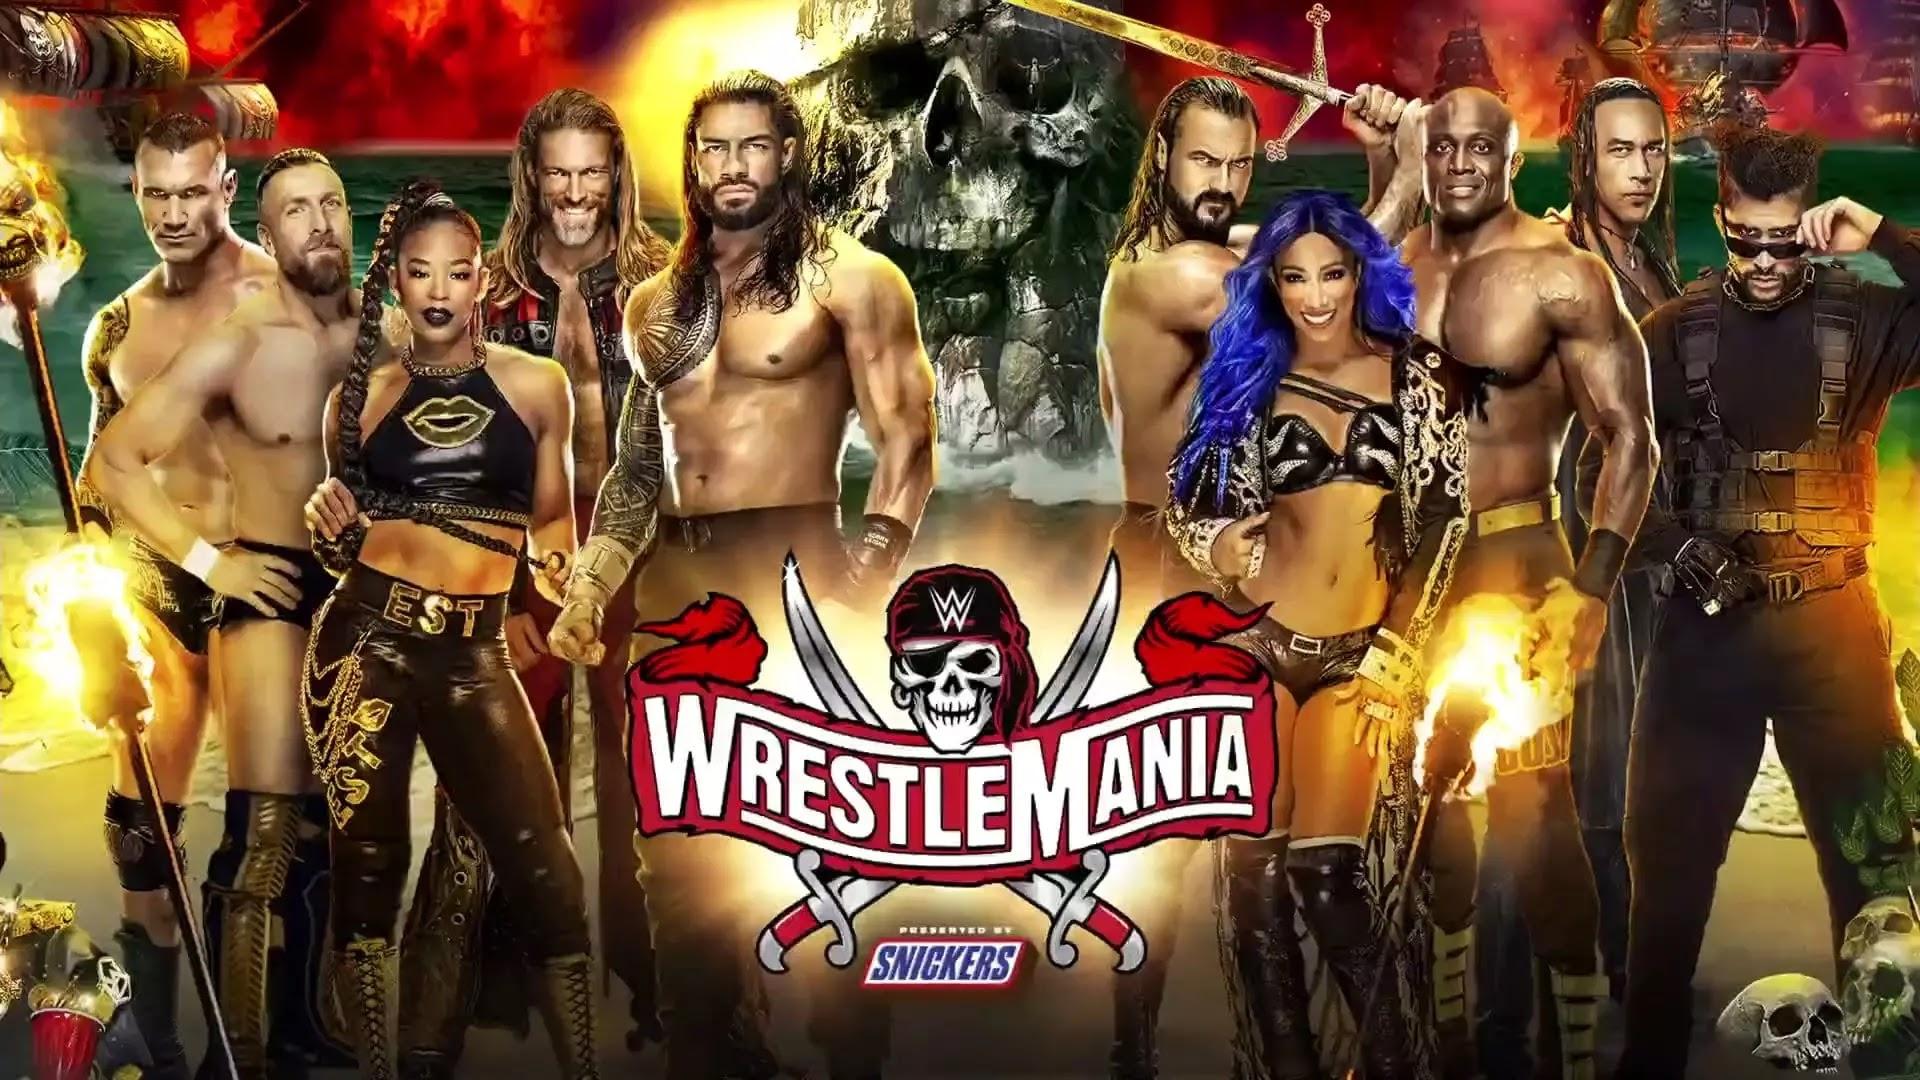 WWE usará público de cartaz na WrestleMania 37